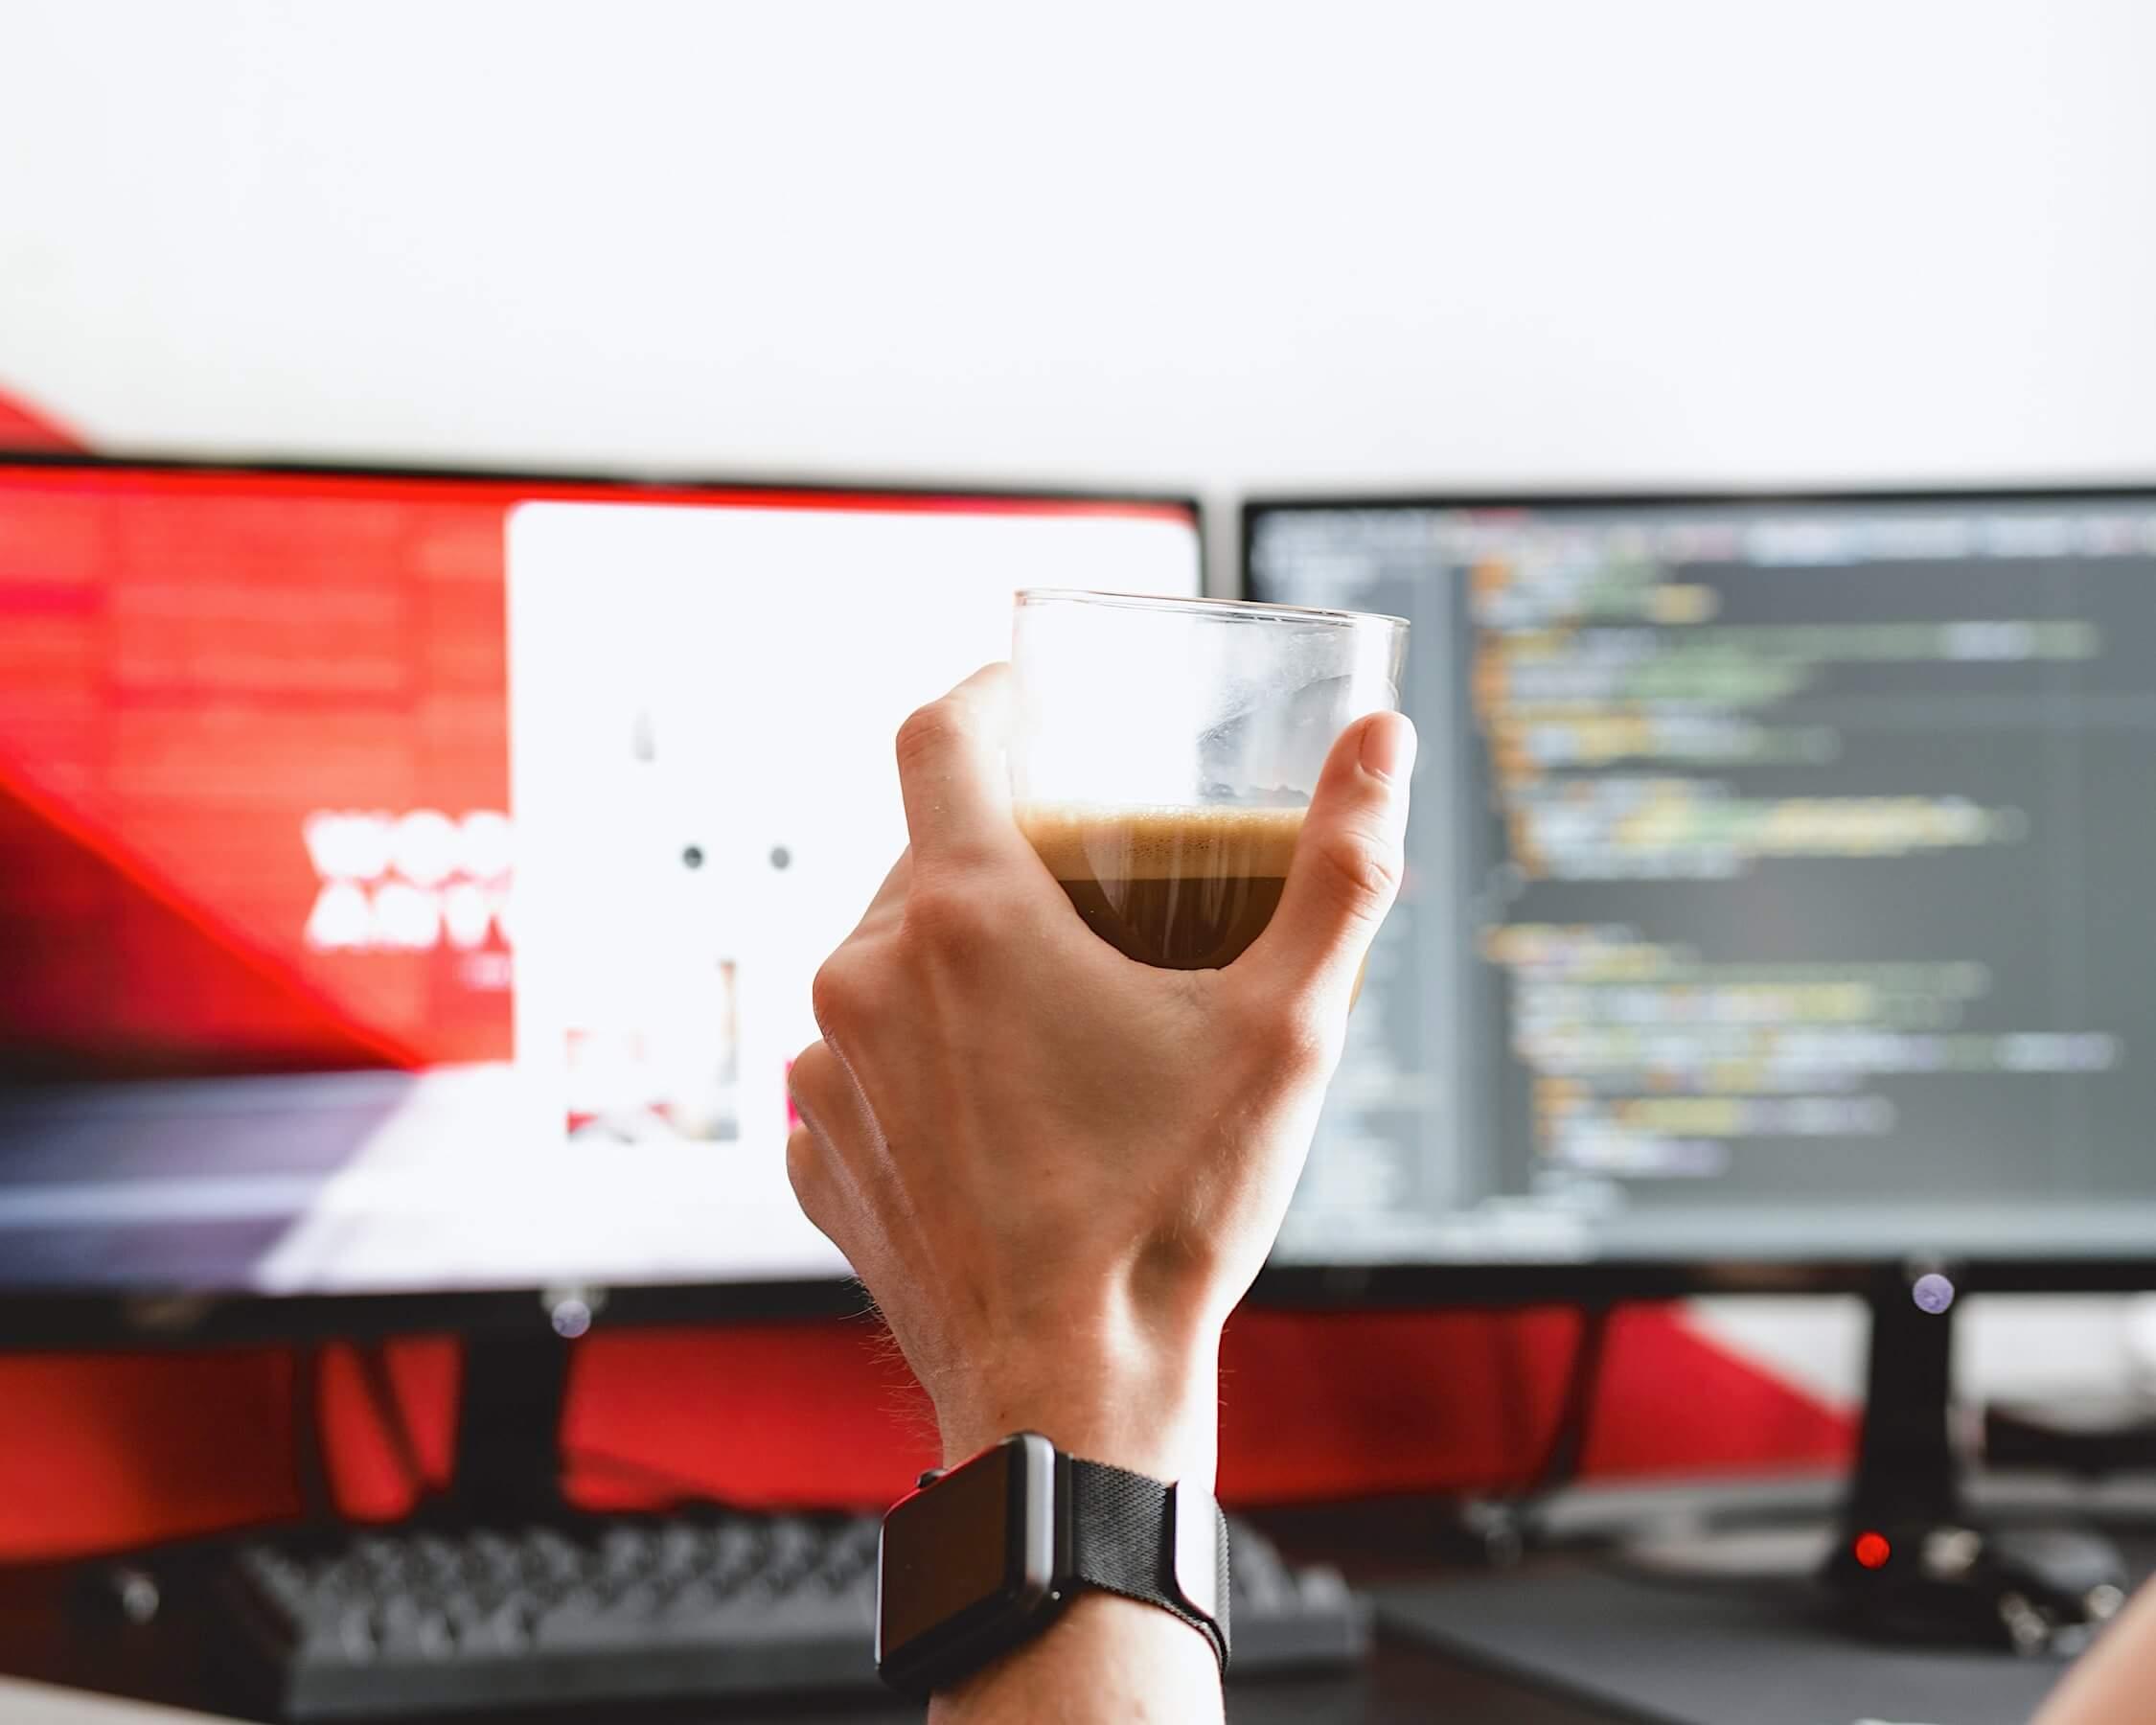 Как повысить завершаемость массовых онлайн-курсов - 3